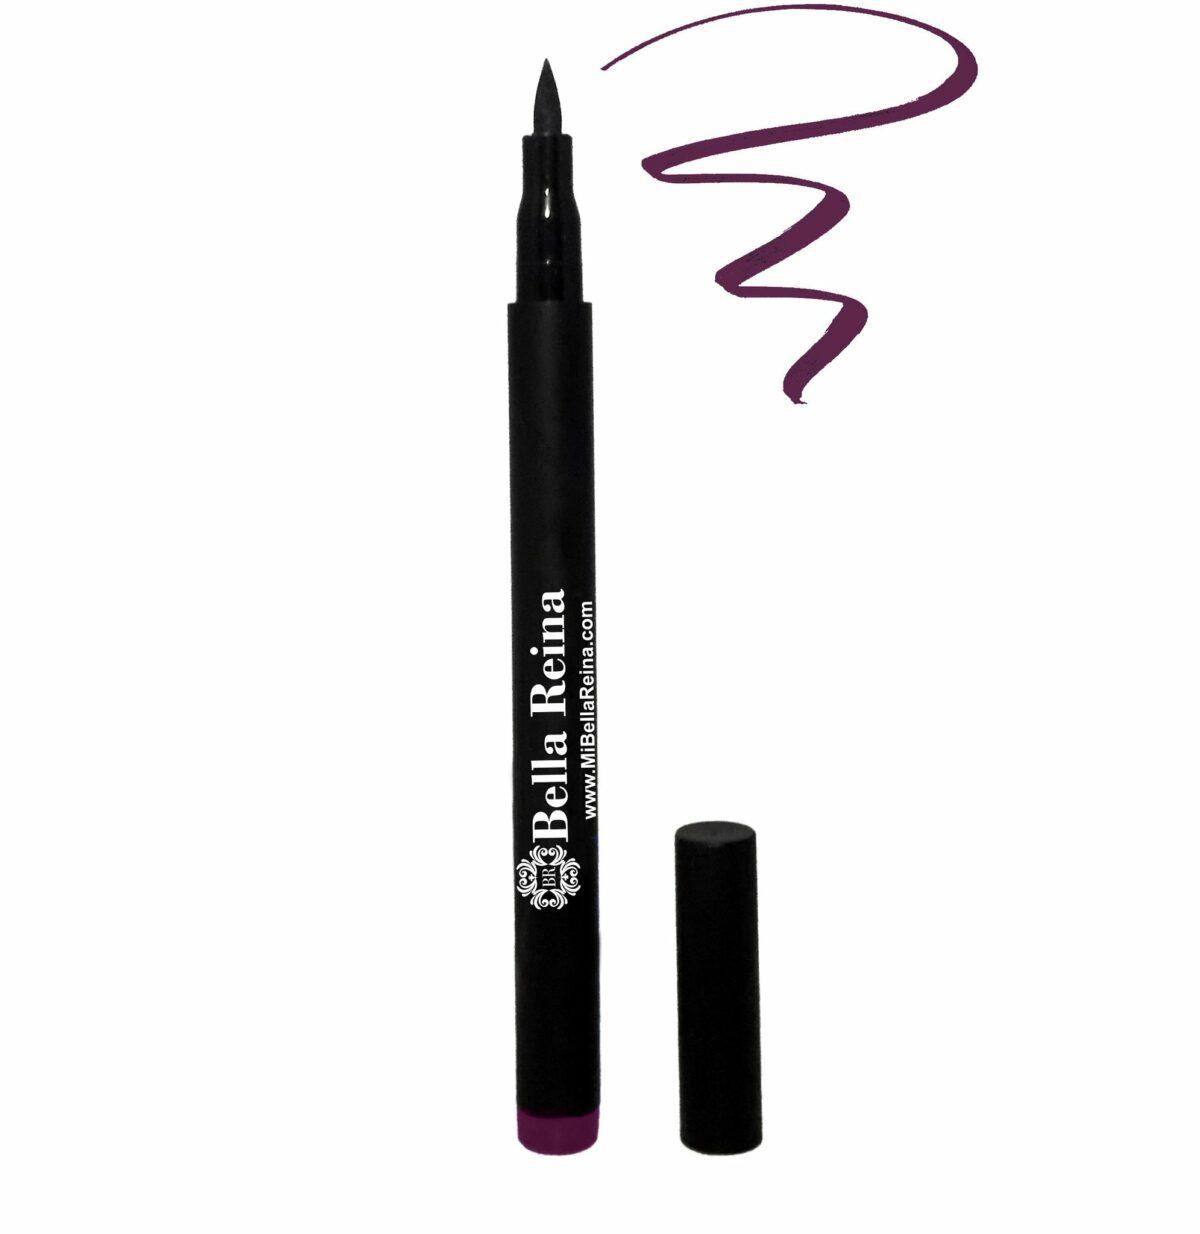 Waterproof Eyeliner Felt Tip Pen - by Bella Reina